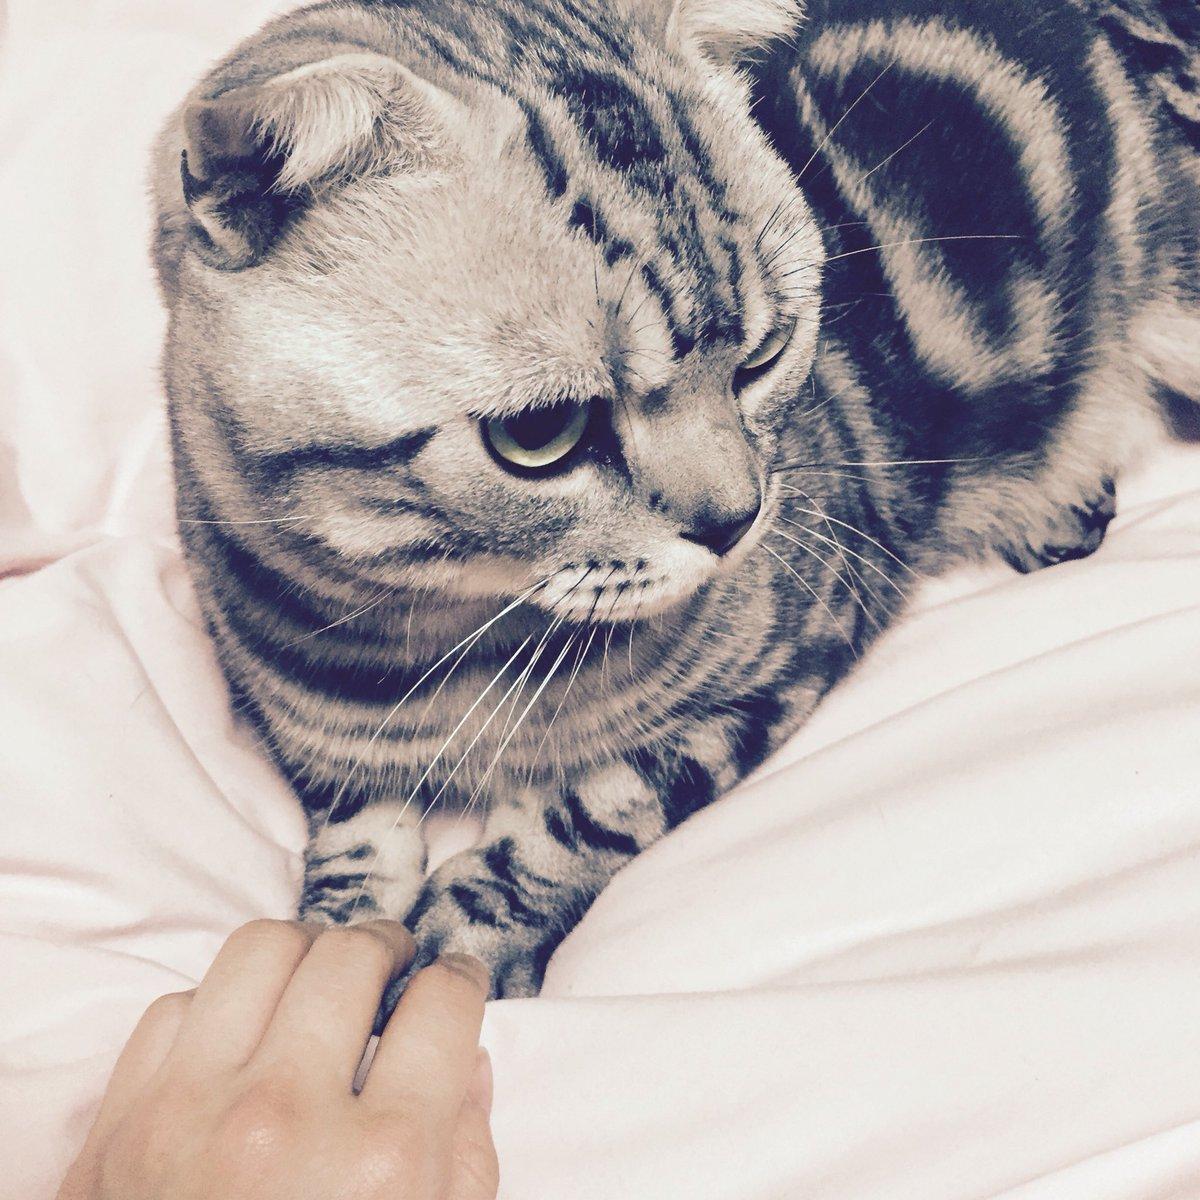 二日間の泊まりから帰ってきたら、猫様がベッドの主人になってる。。猫あるある。おはようございます。#猫 #cat #ビス pic.twitter.com/L89Ymsn2NY